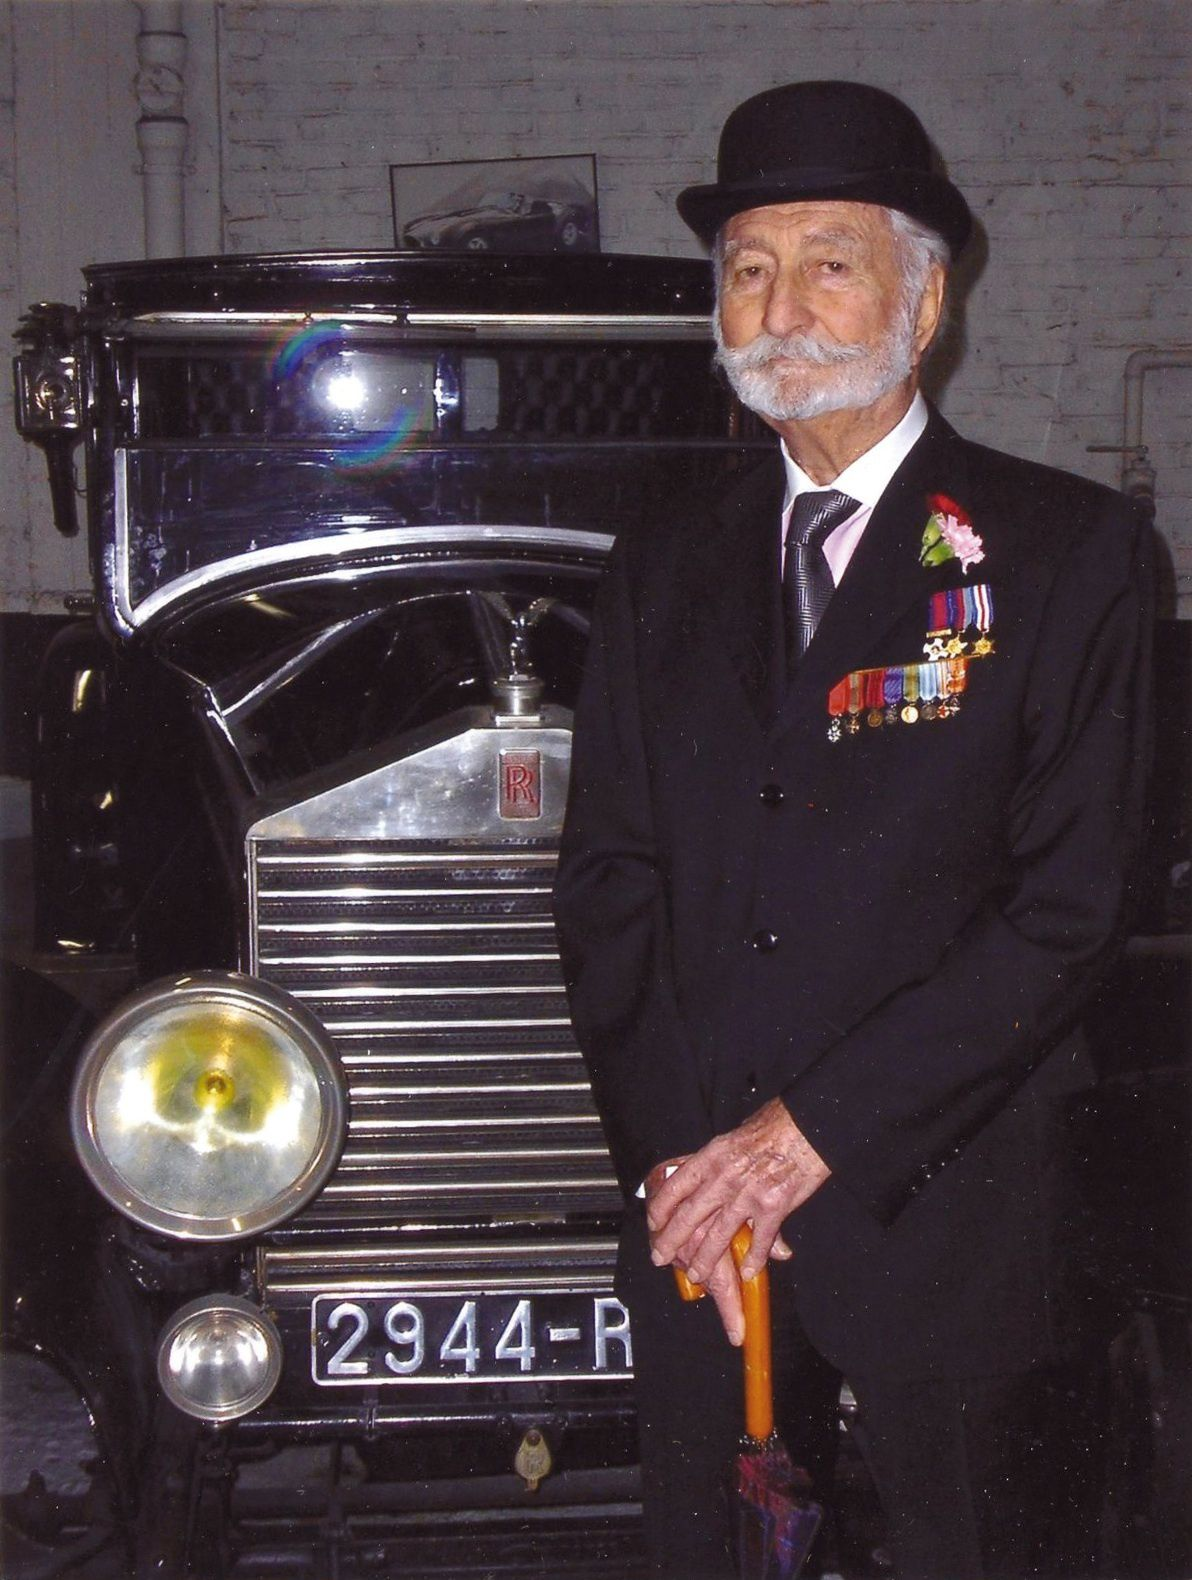 Eloge funèbre à M. Robert Maloubier, prononcé par M. Bernard Bajolet